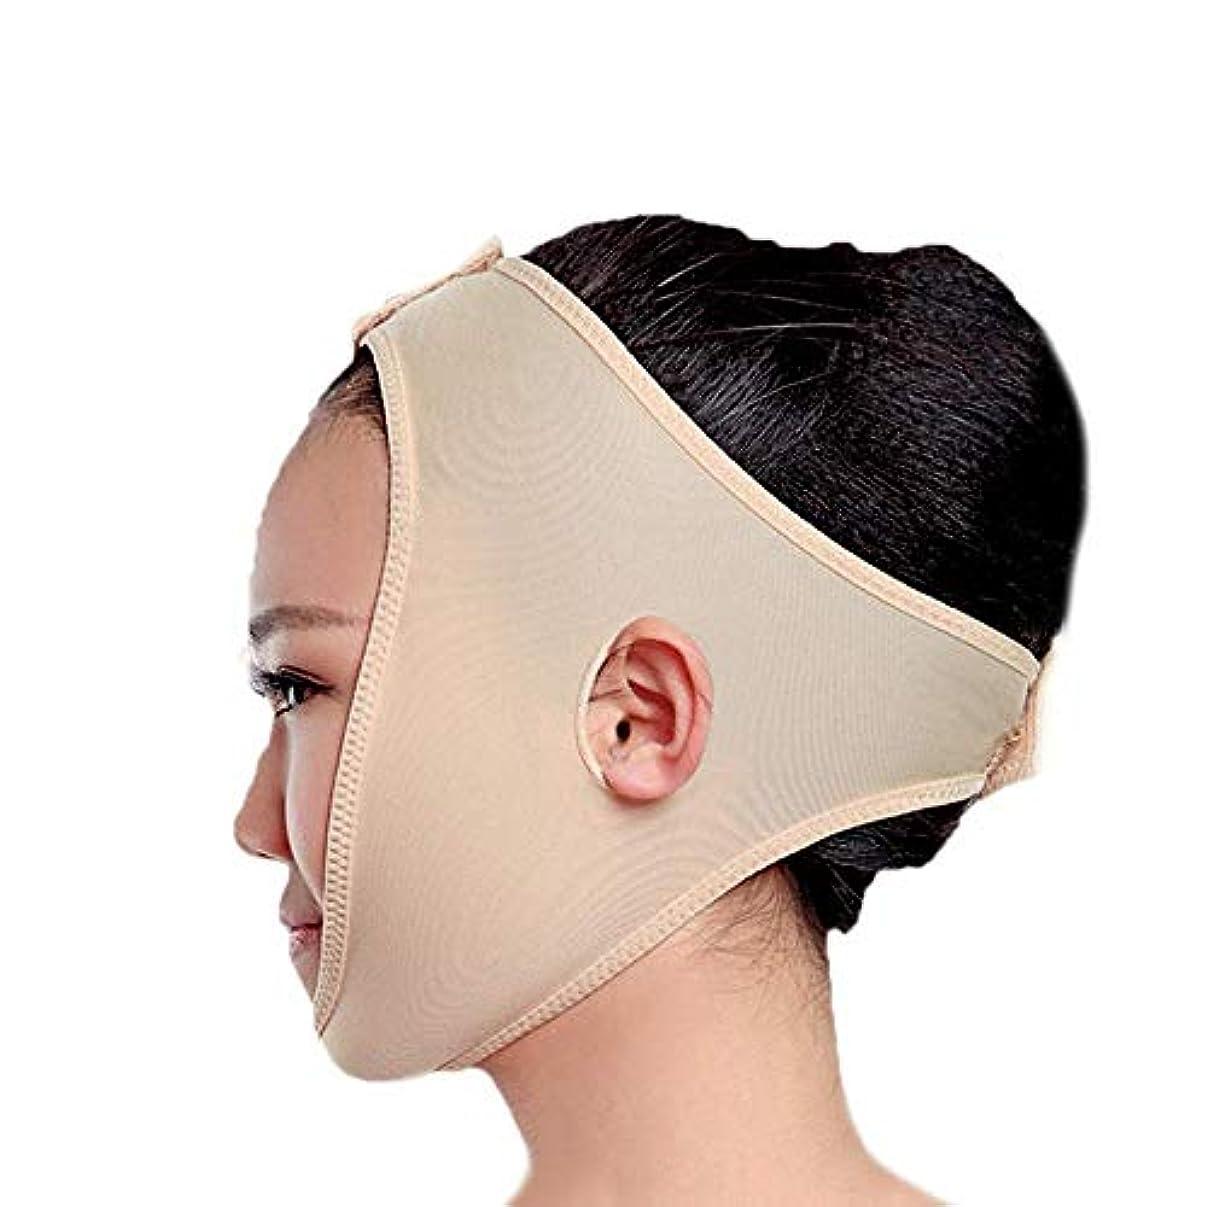 ただセメントファームフェイススリミングマスク、快適さと通気性、フェイシャルリフティング、輪郭の改善された硬さ、ファーミングとリフティングフェイス(カラー:ブラック、サイズ:XL),黄色がかったピンク2、XL